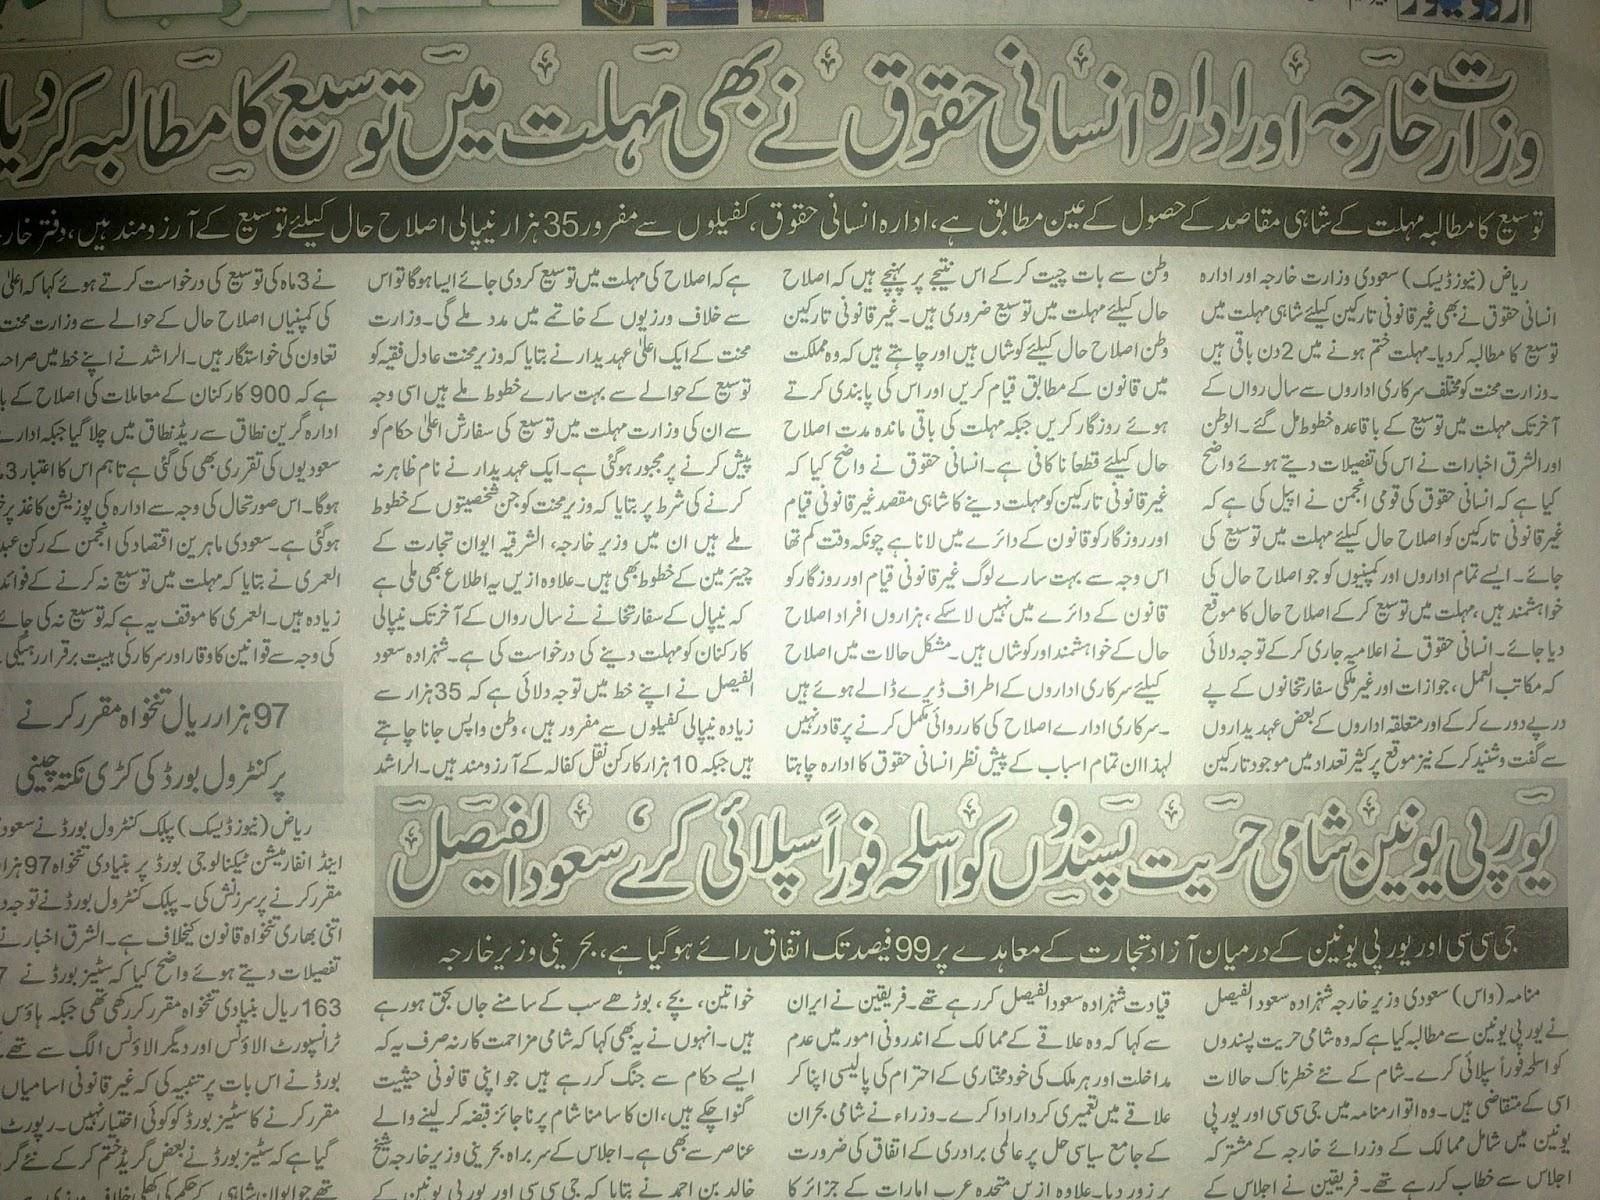 urdu news ksa